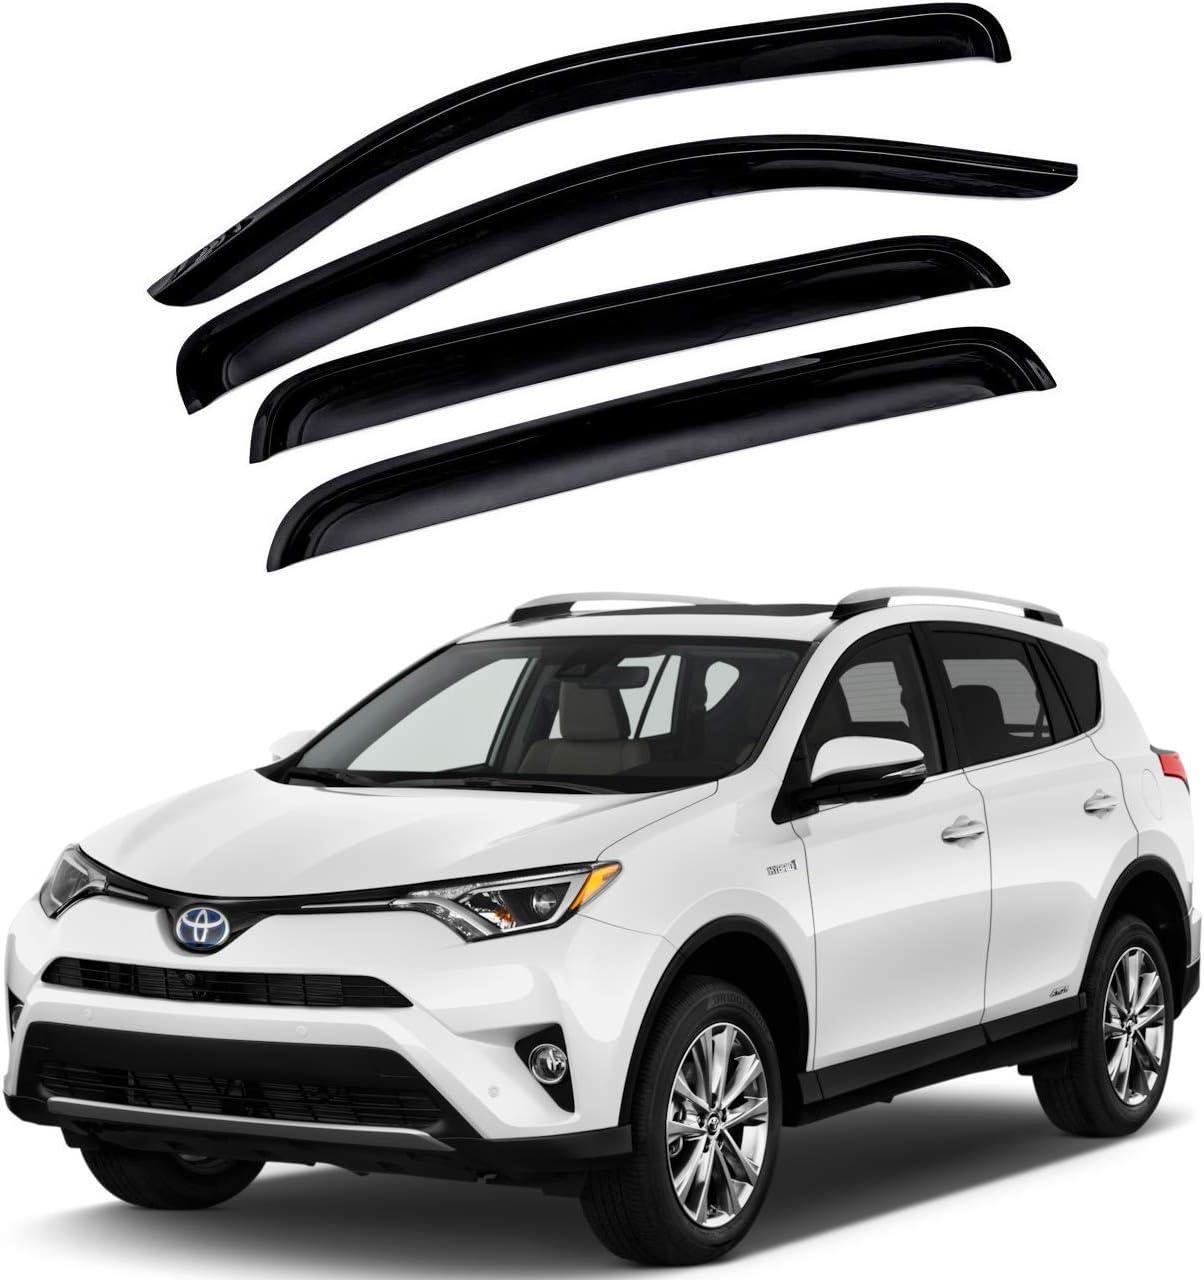 4 pieces Auto Clover Chrome Wind Deflectors Set for Chevrolet Orlando